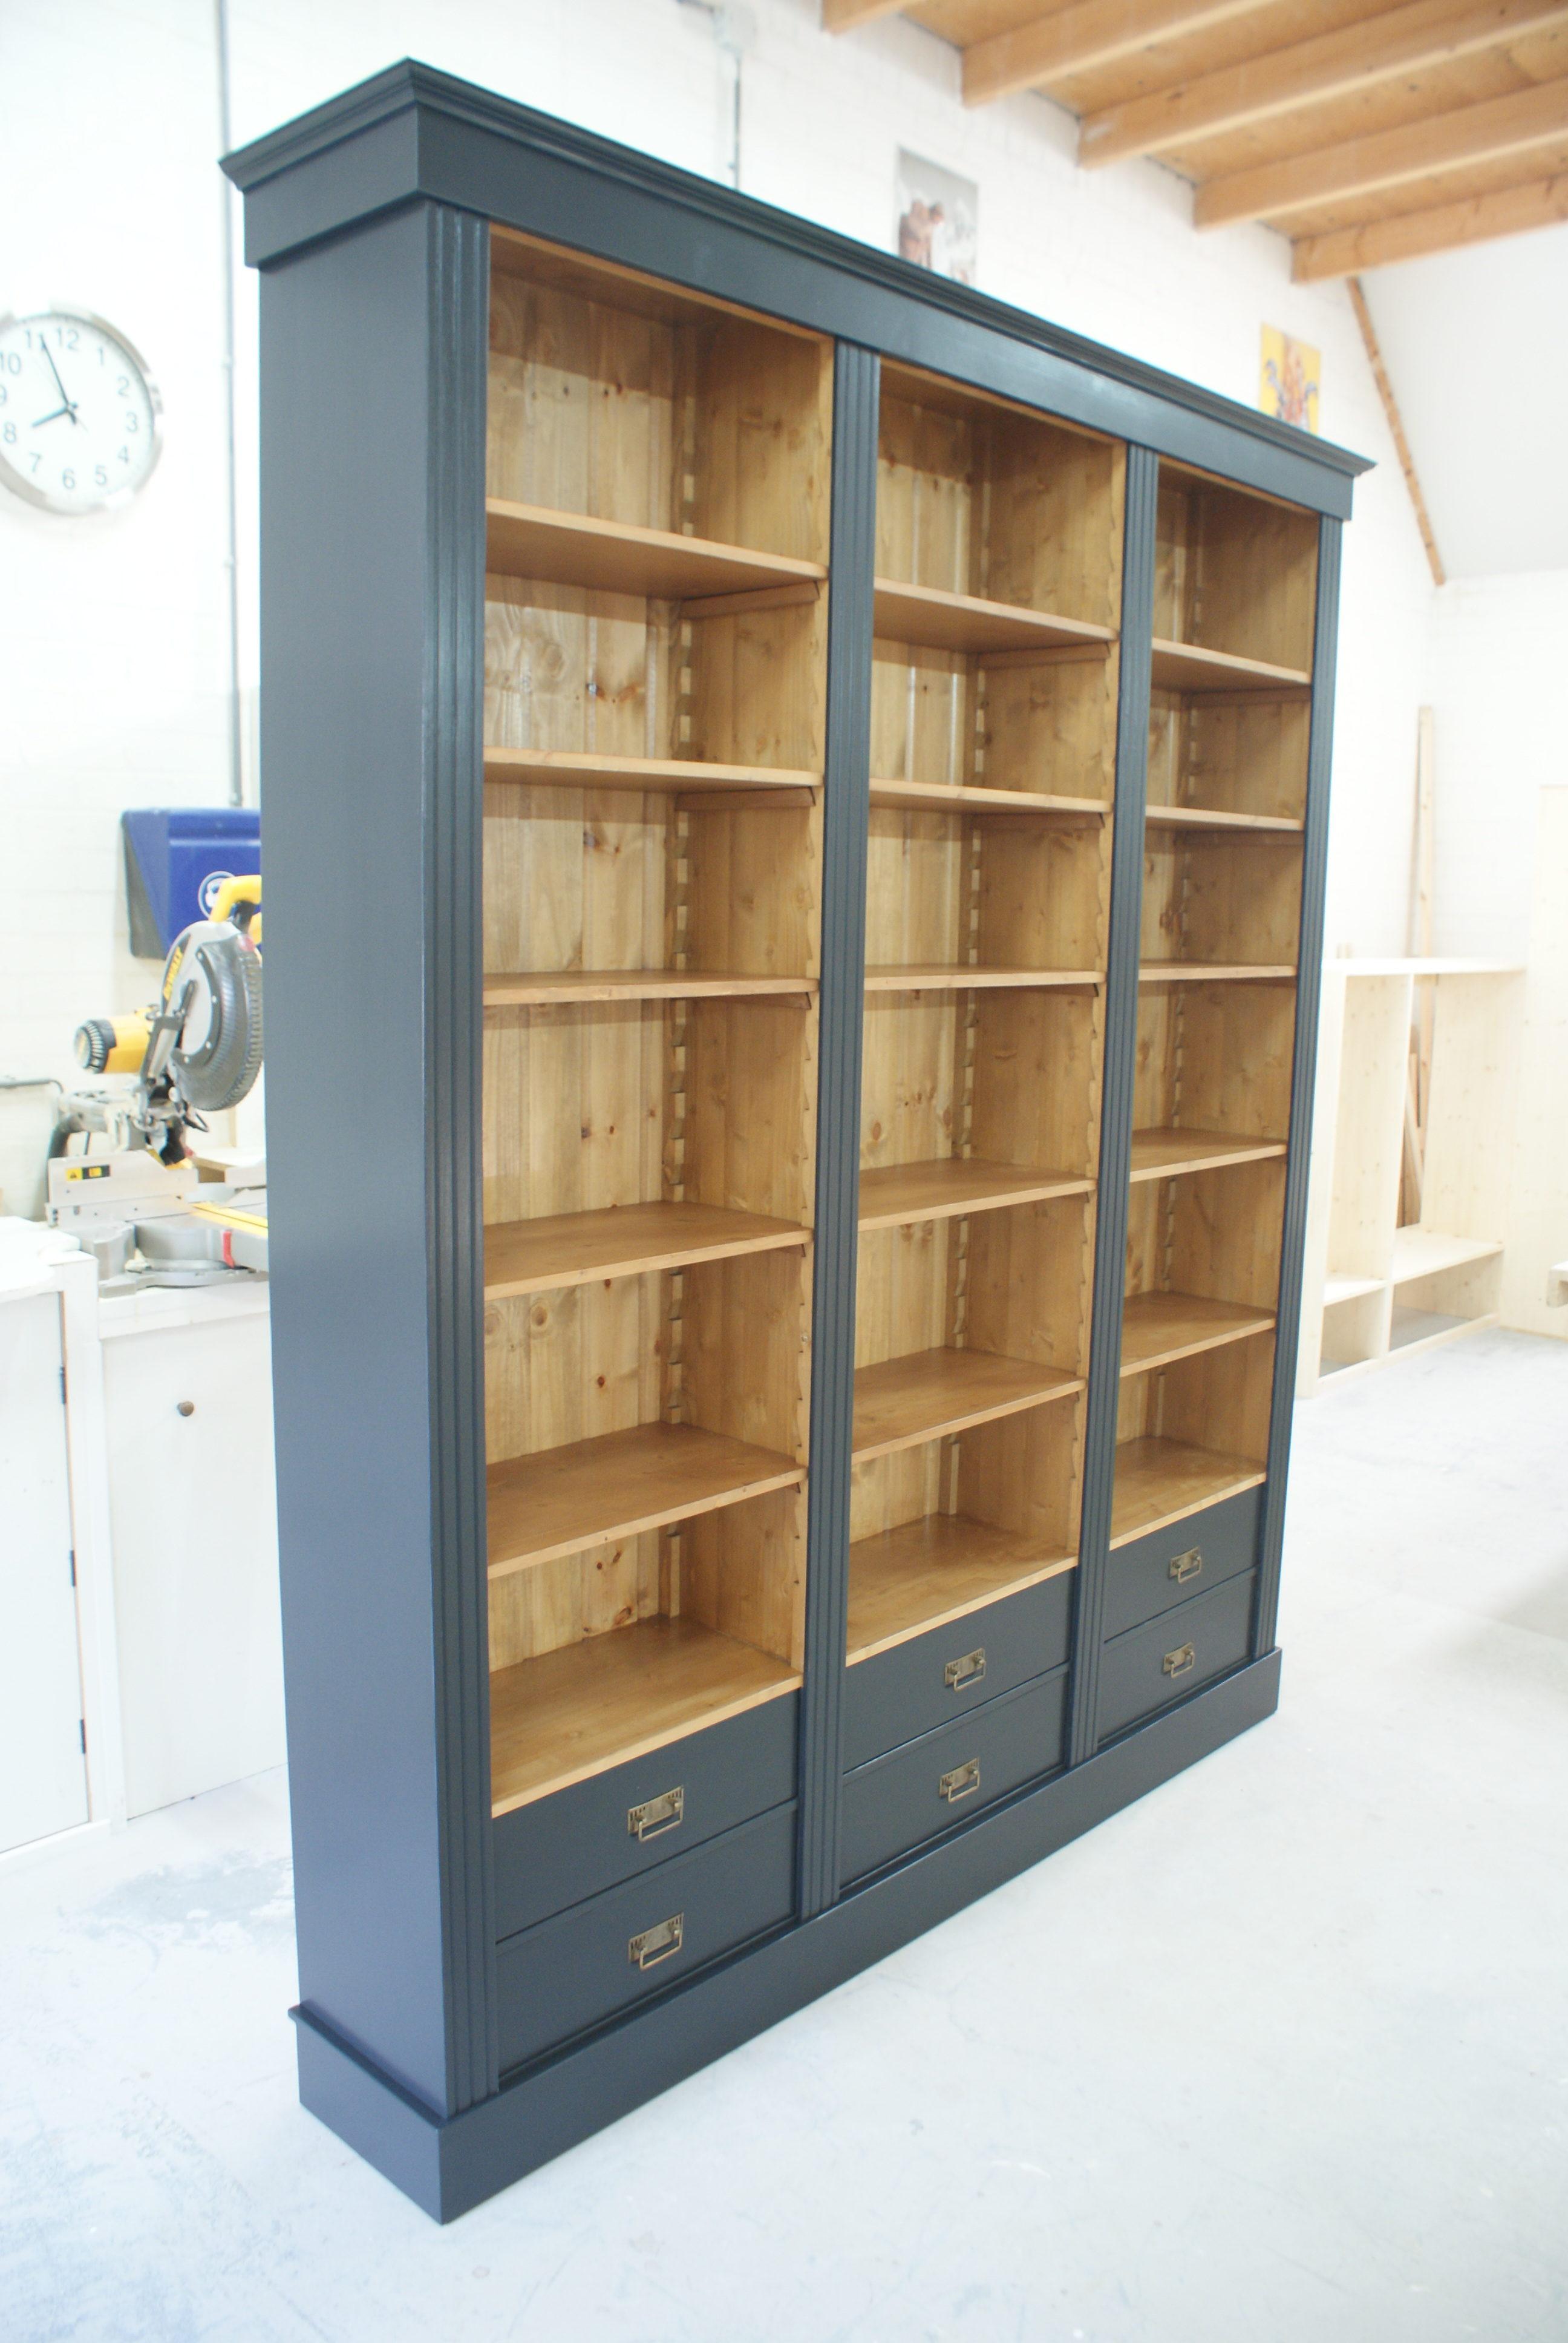 Boekenkast op maat Zutphen - Boekenkasten op maat de Grenenhoeve!